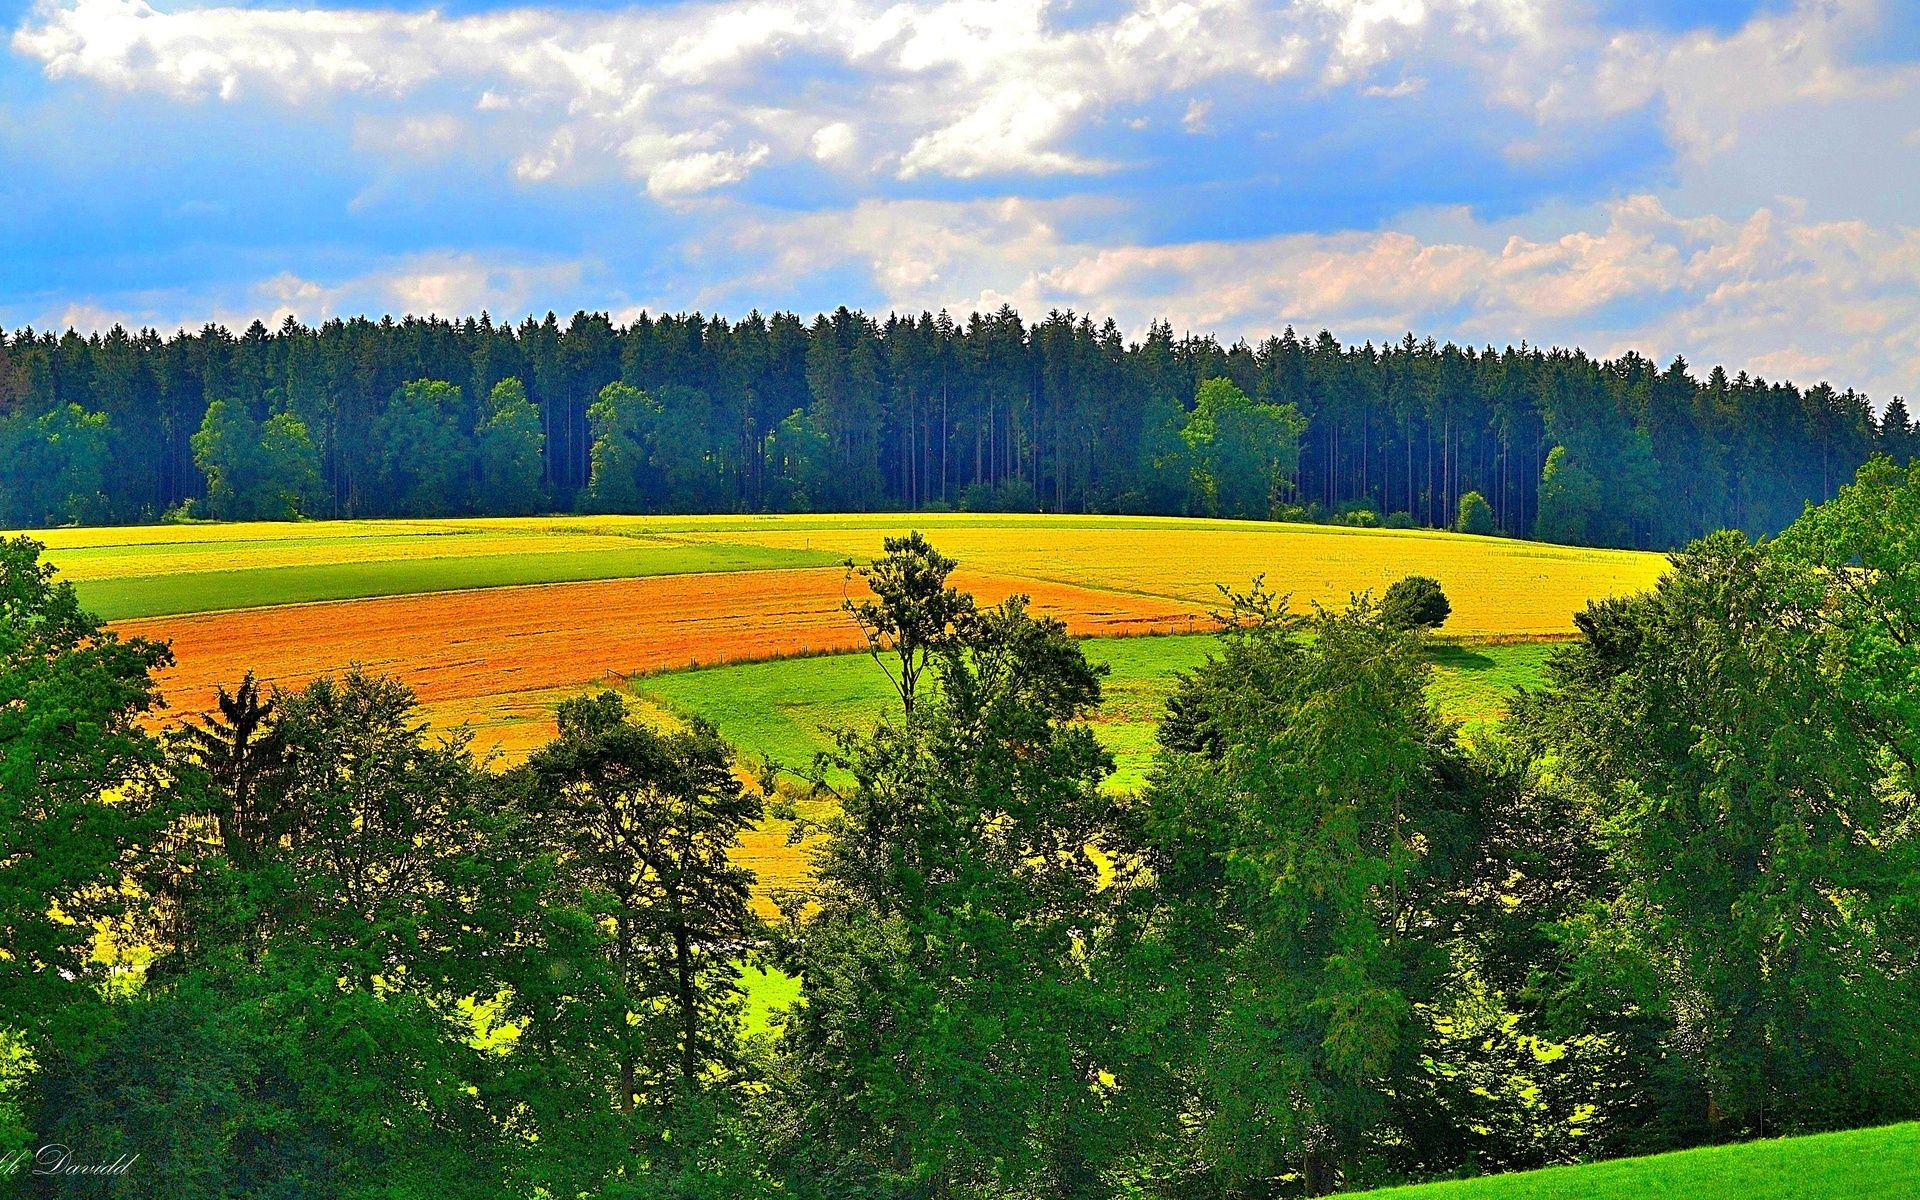 этот раз открытки с полем и лесом некоторого размышления